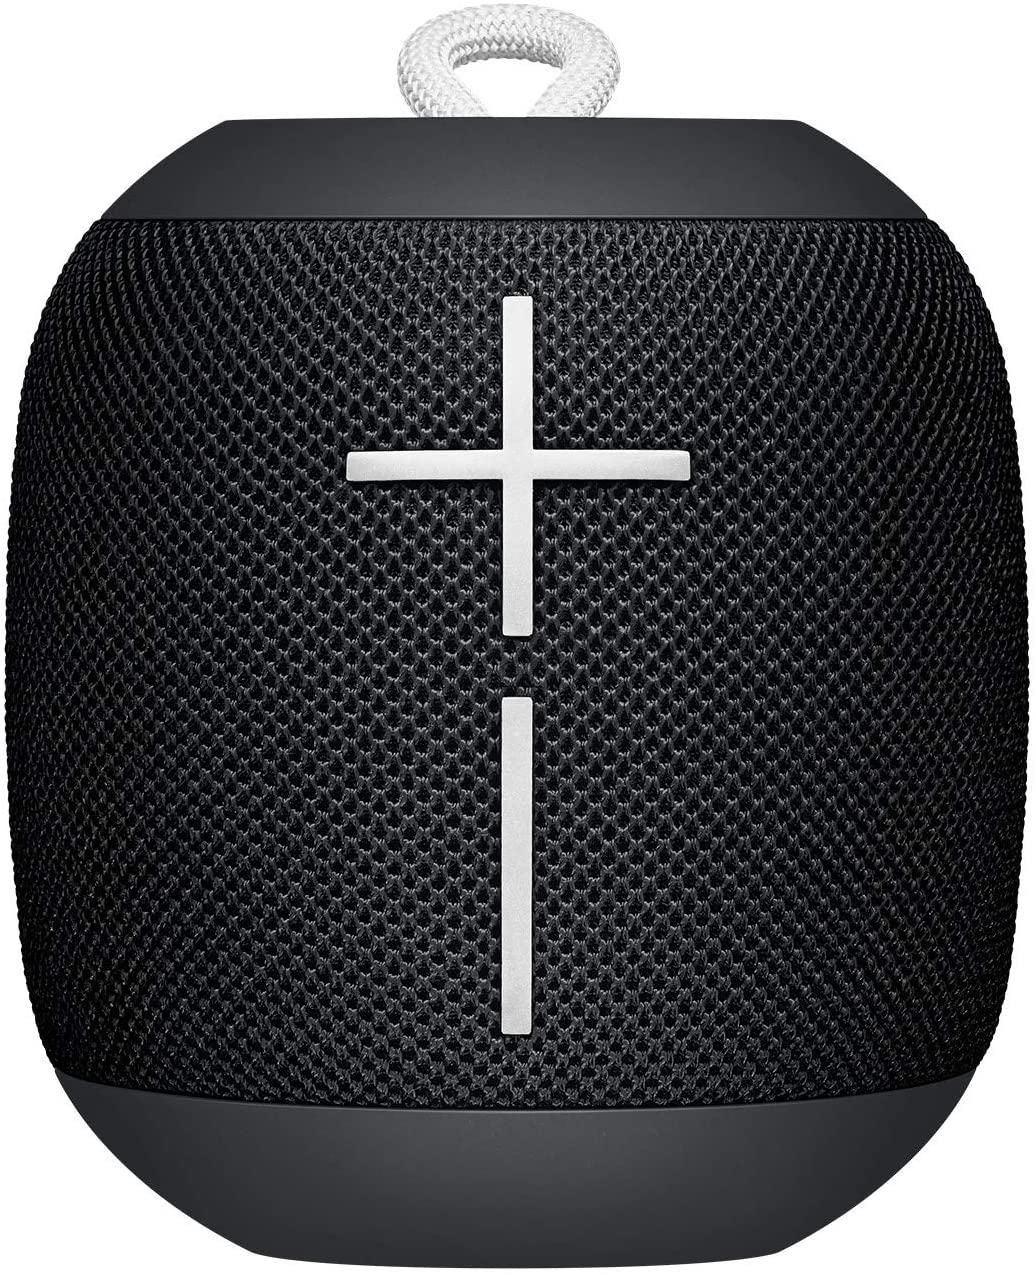 [Prime] Enceinte sans fil Ultimate Ears Wonderboom 1 - Bluetooth